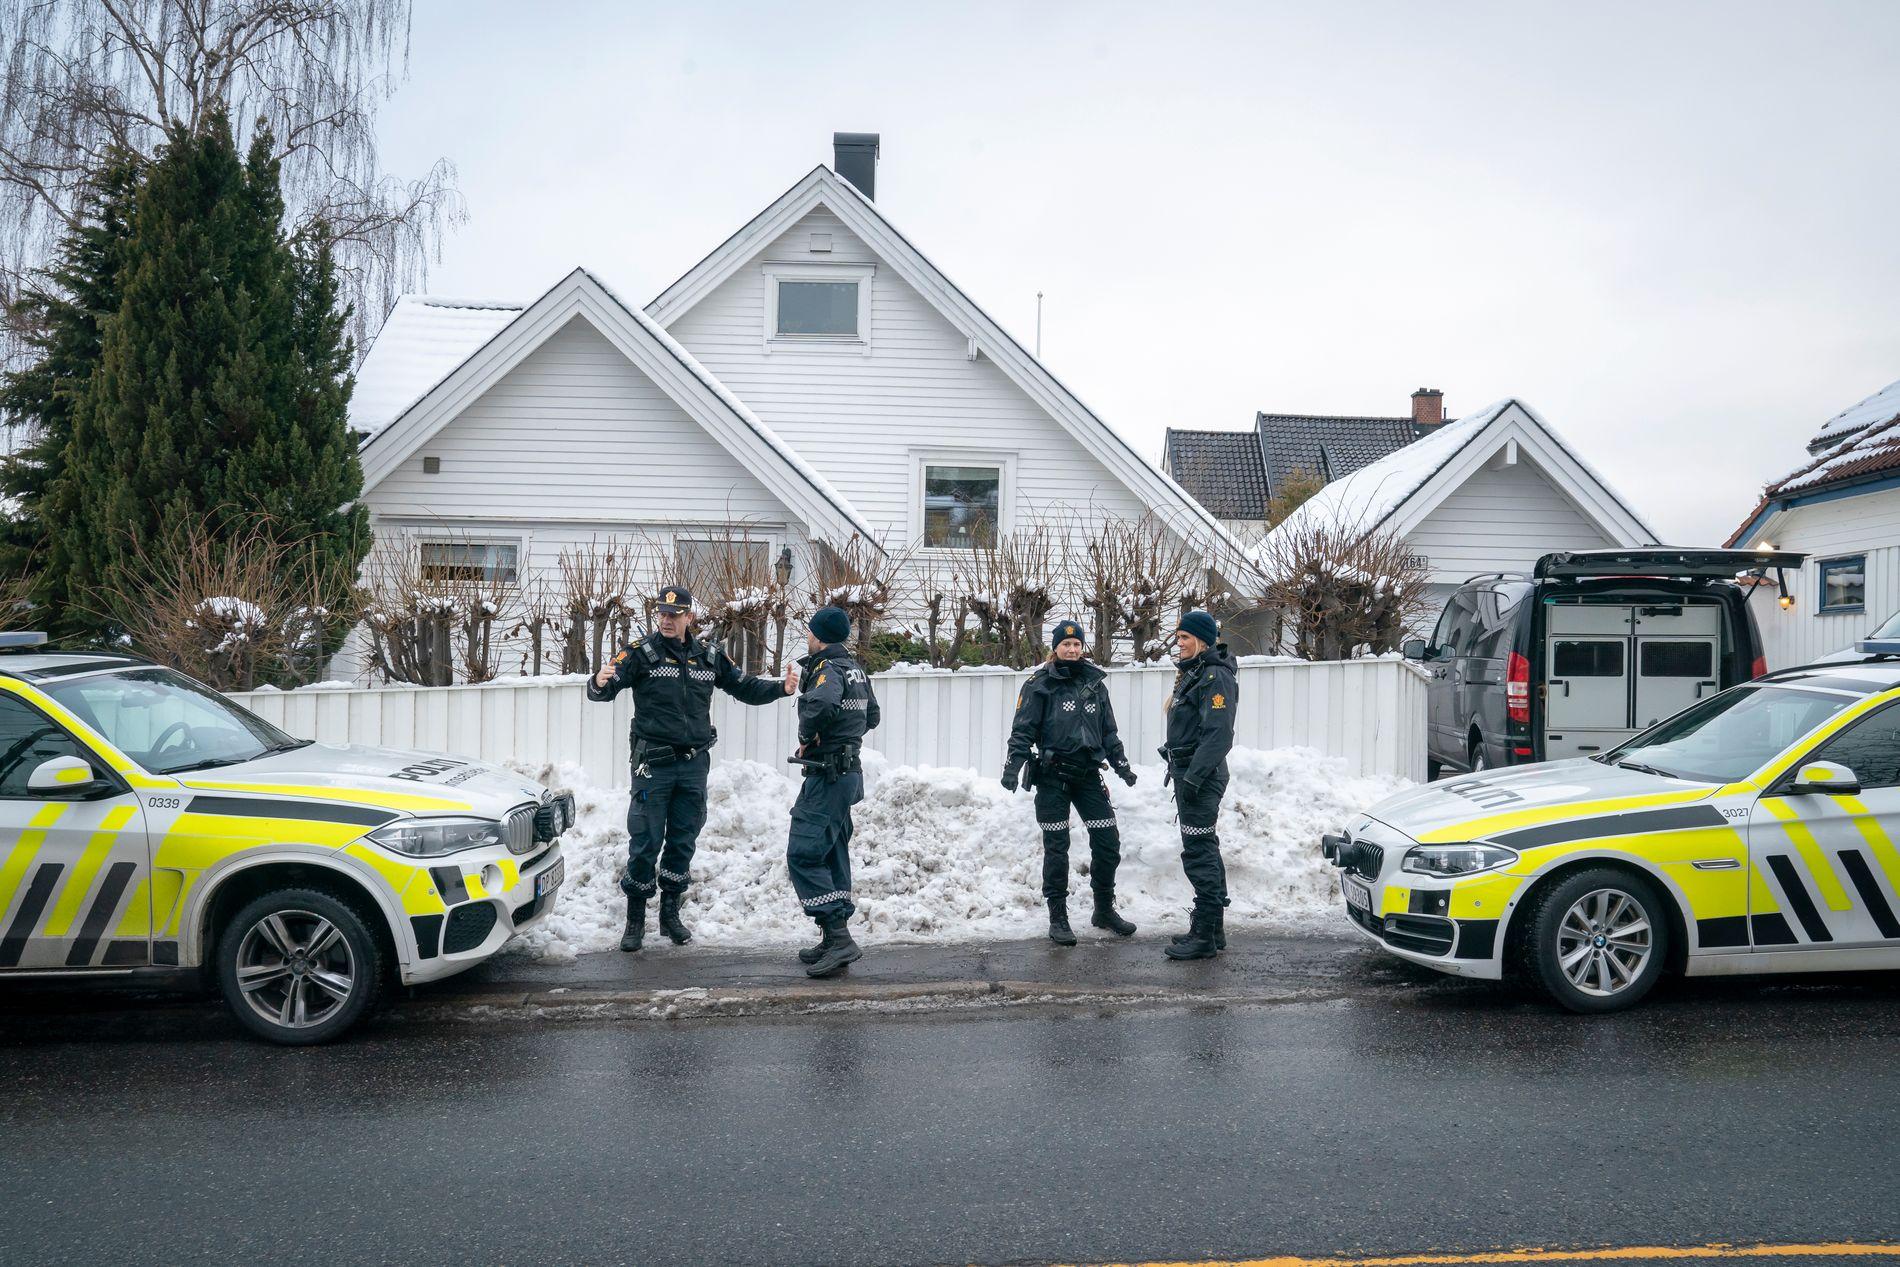 HJEMME HOS JUSTISMINISTEREN: Politiet siktet Tor Mikkal Waras samboer i forrige. De mener hun selv skal ha satt fyr på familiens bil.